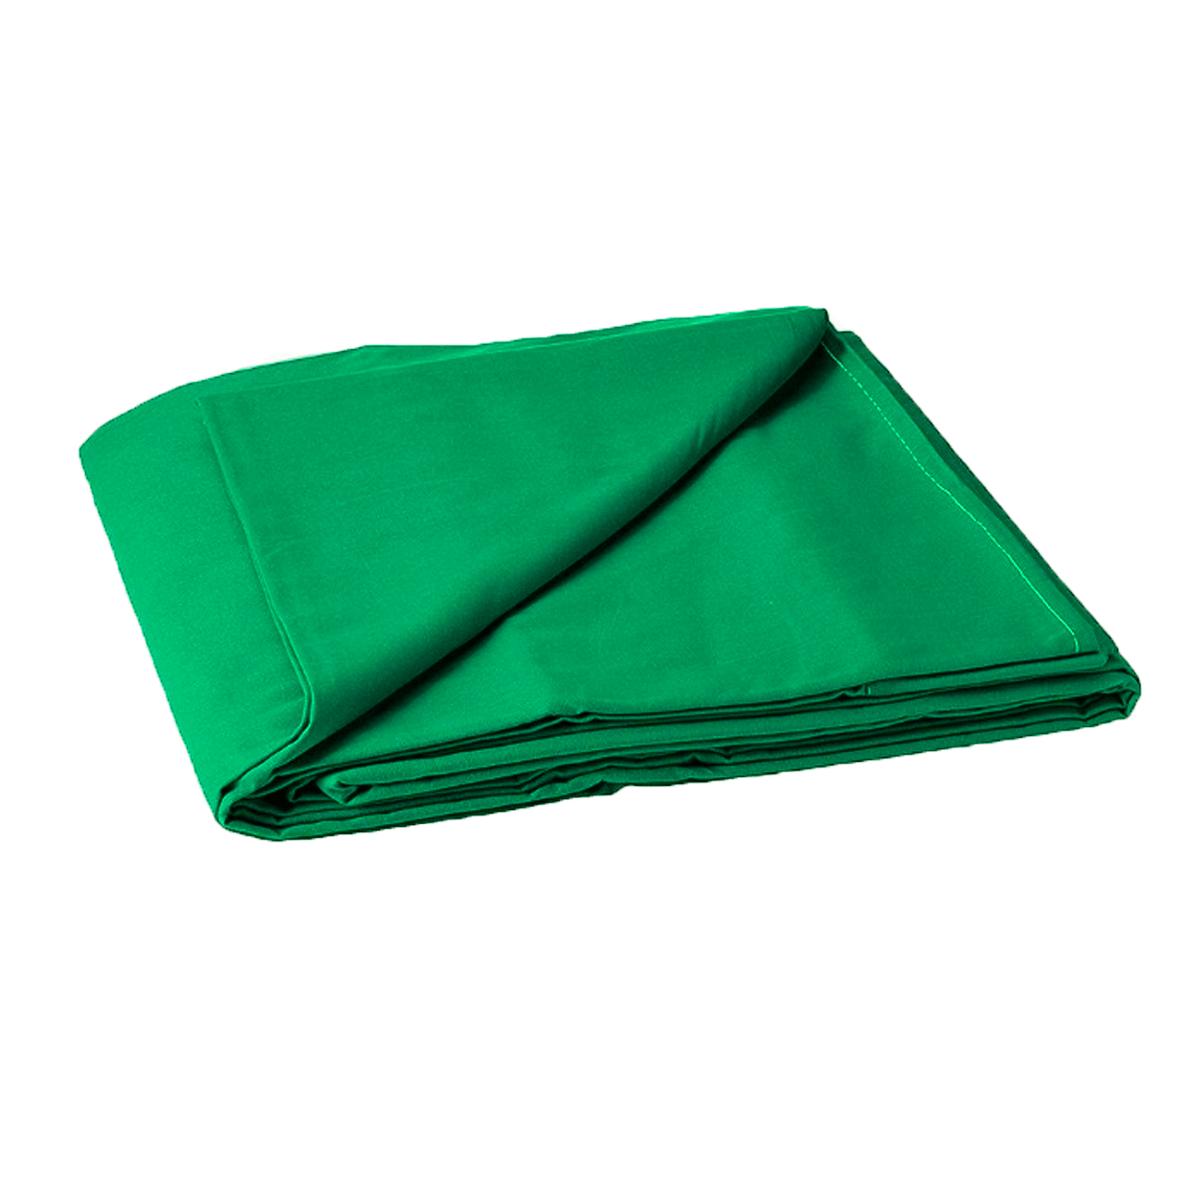 Fundo Infinito Sou Foto em Tecido Muslin Verde Chroma Key para Estúdio Fotográfico  - Fotolux